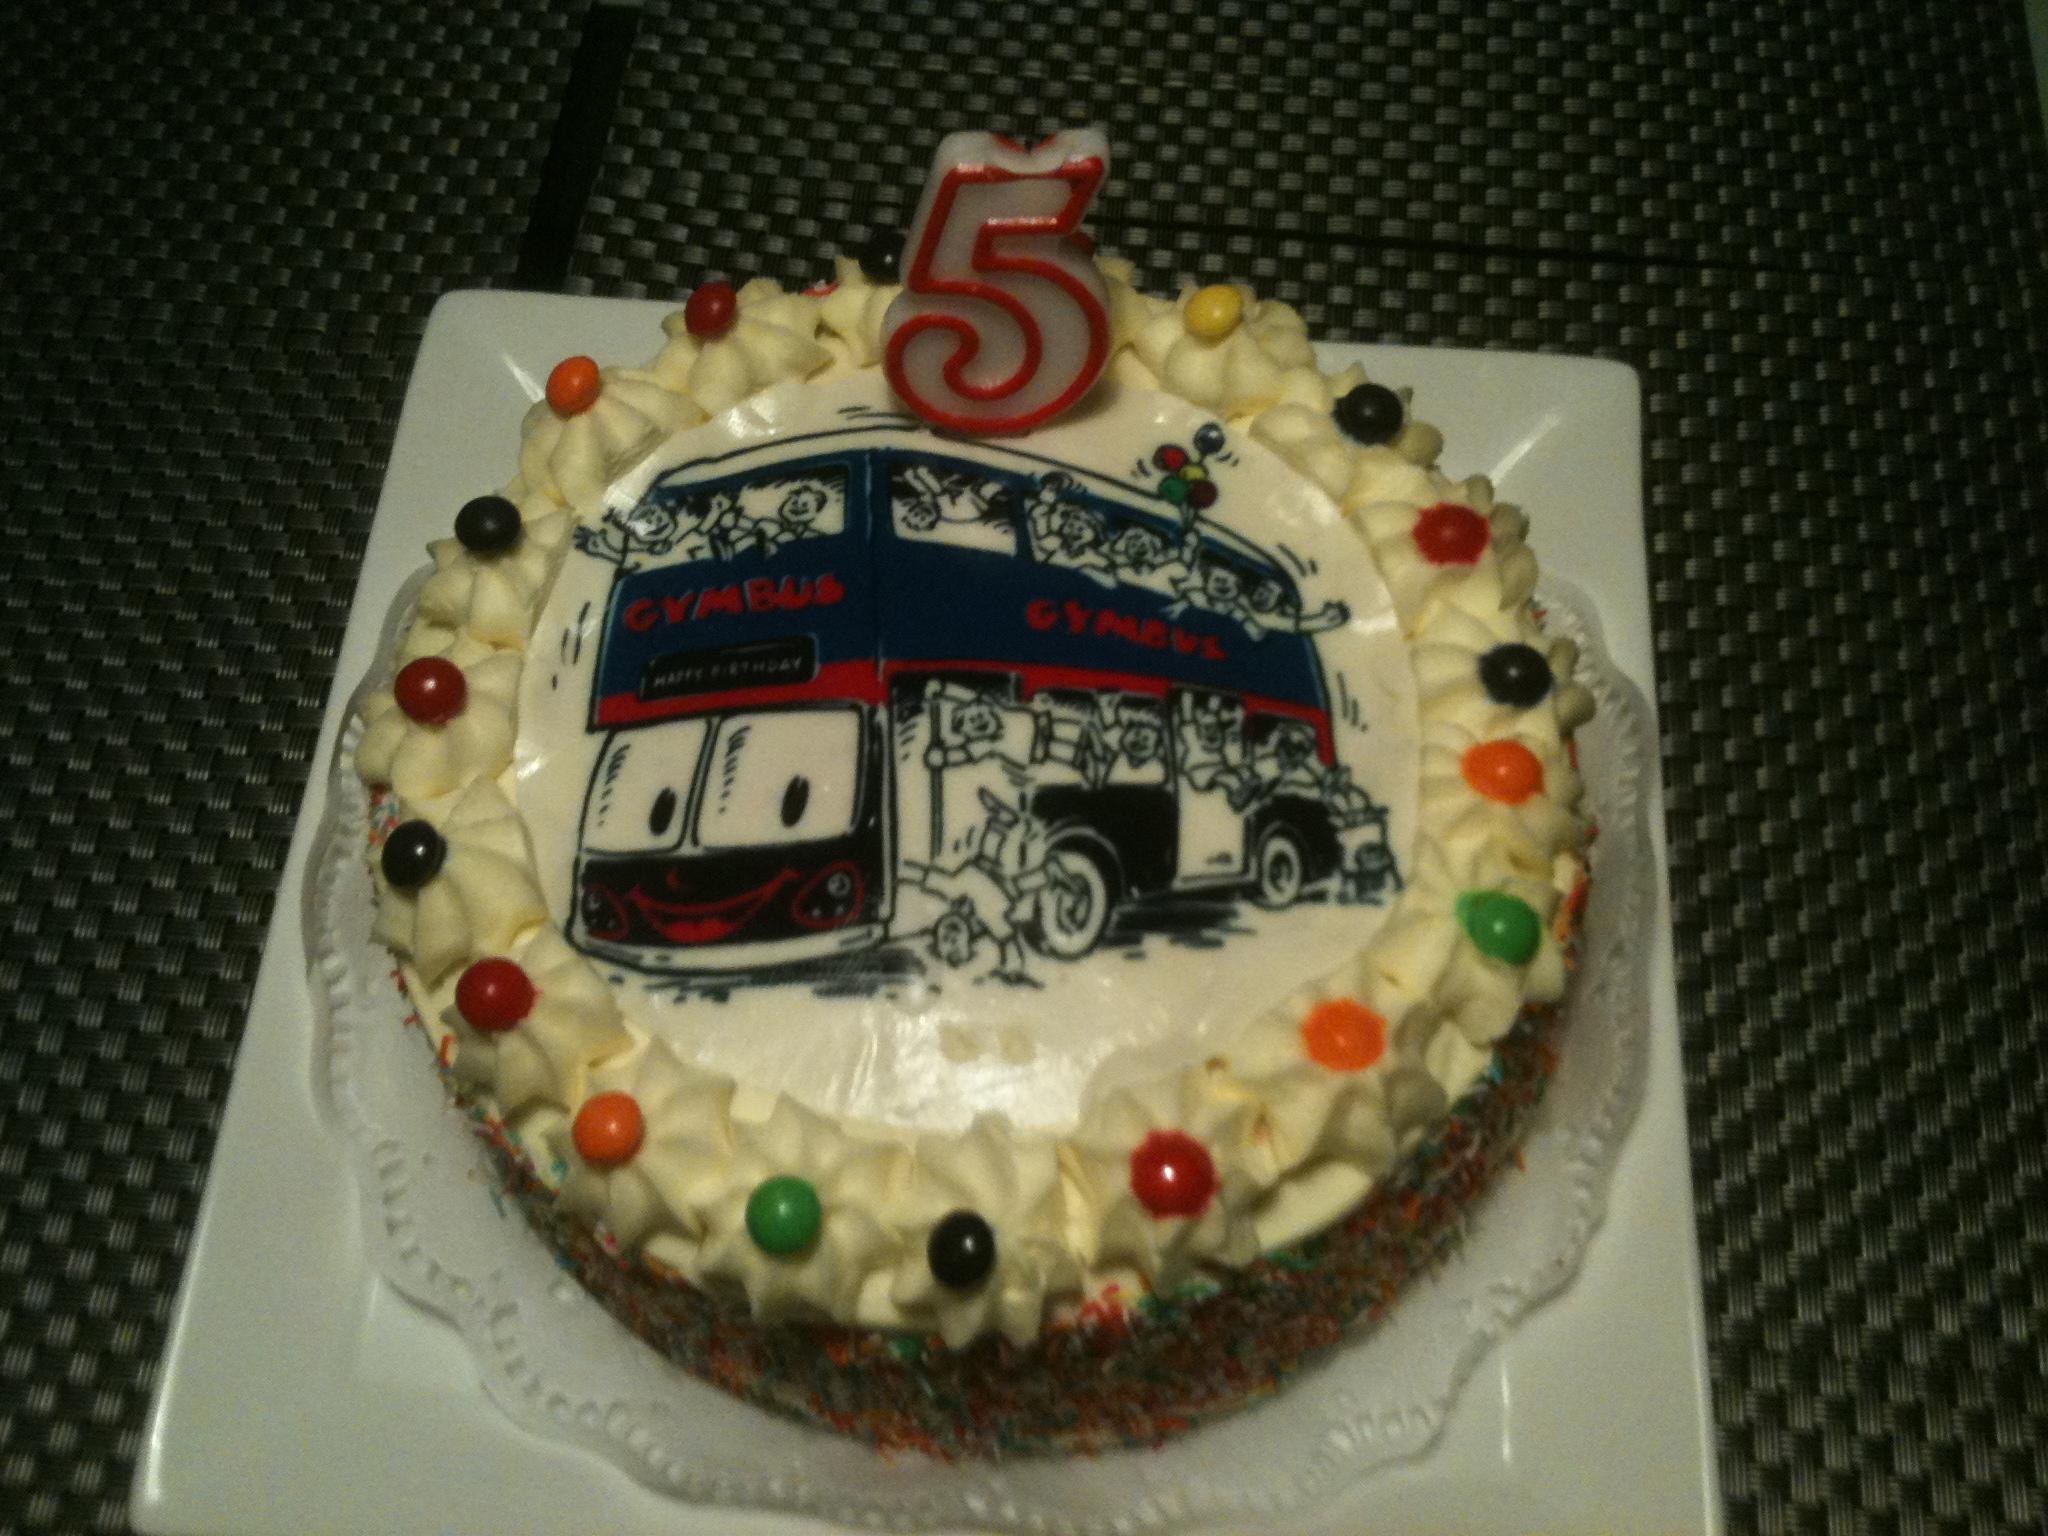 GymBus Cake